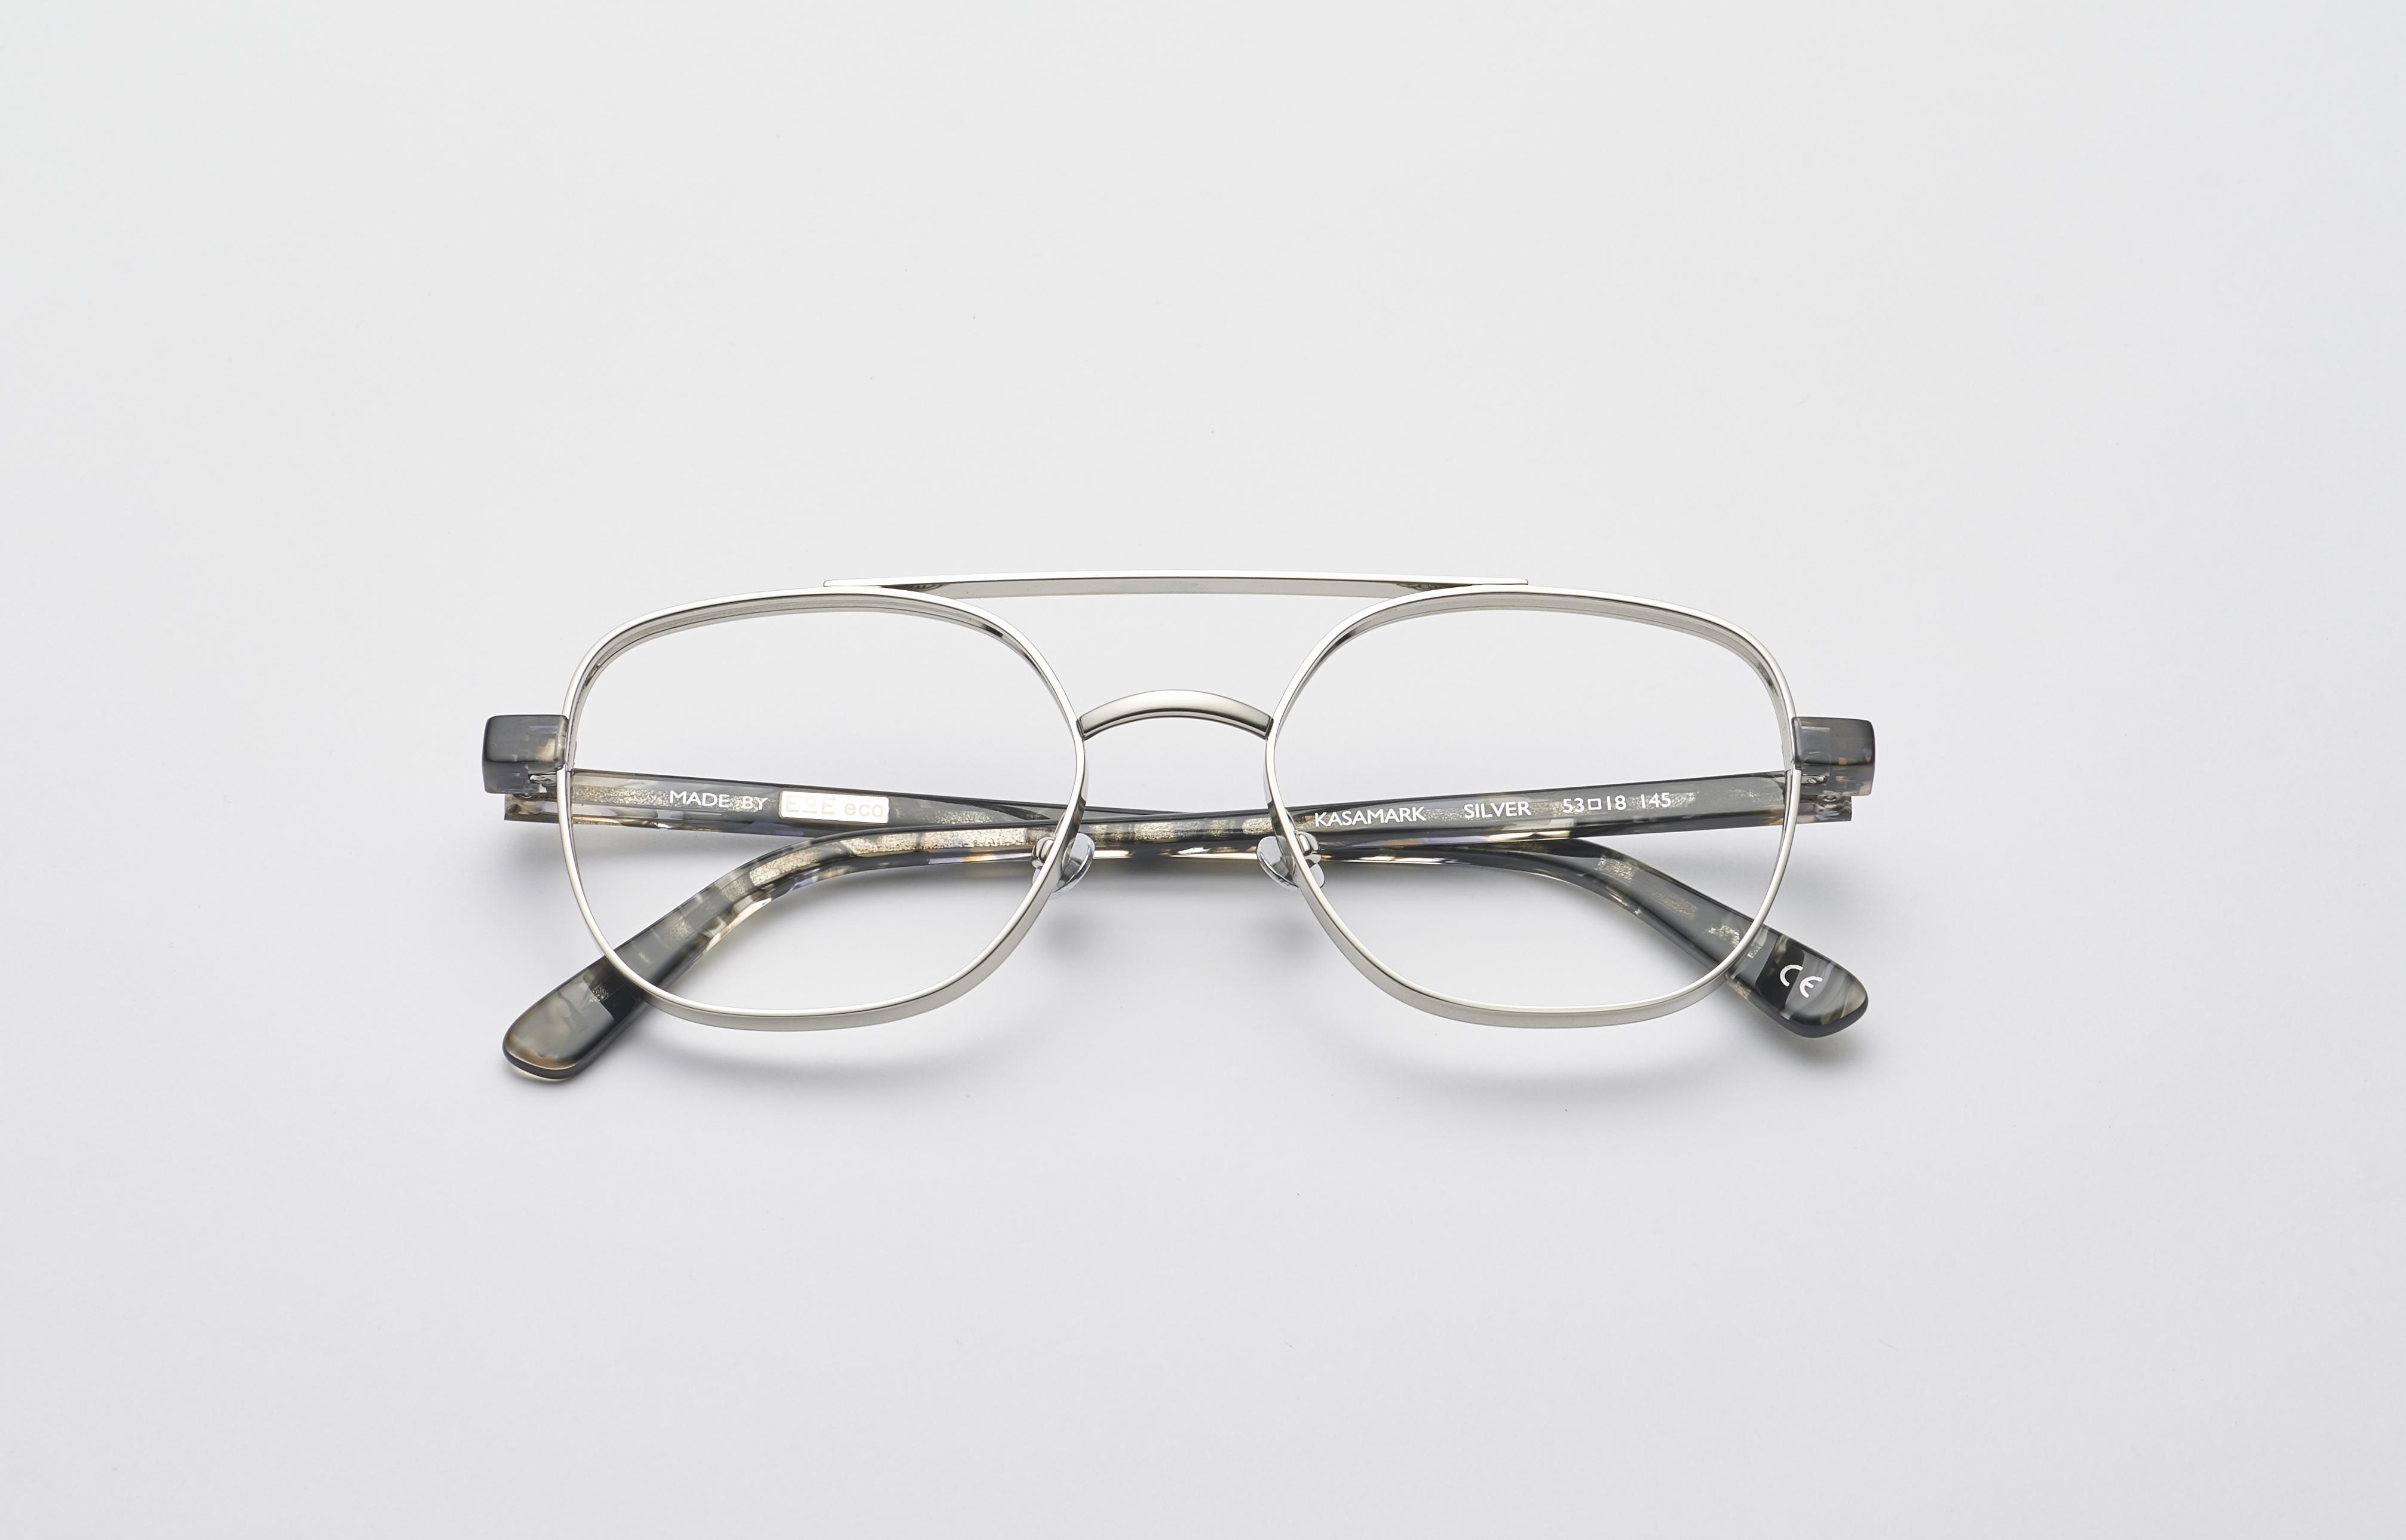 74904e06b947 Kasamark Iron - EOE Eyewear